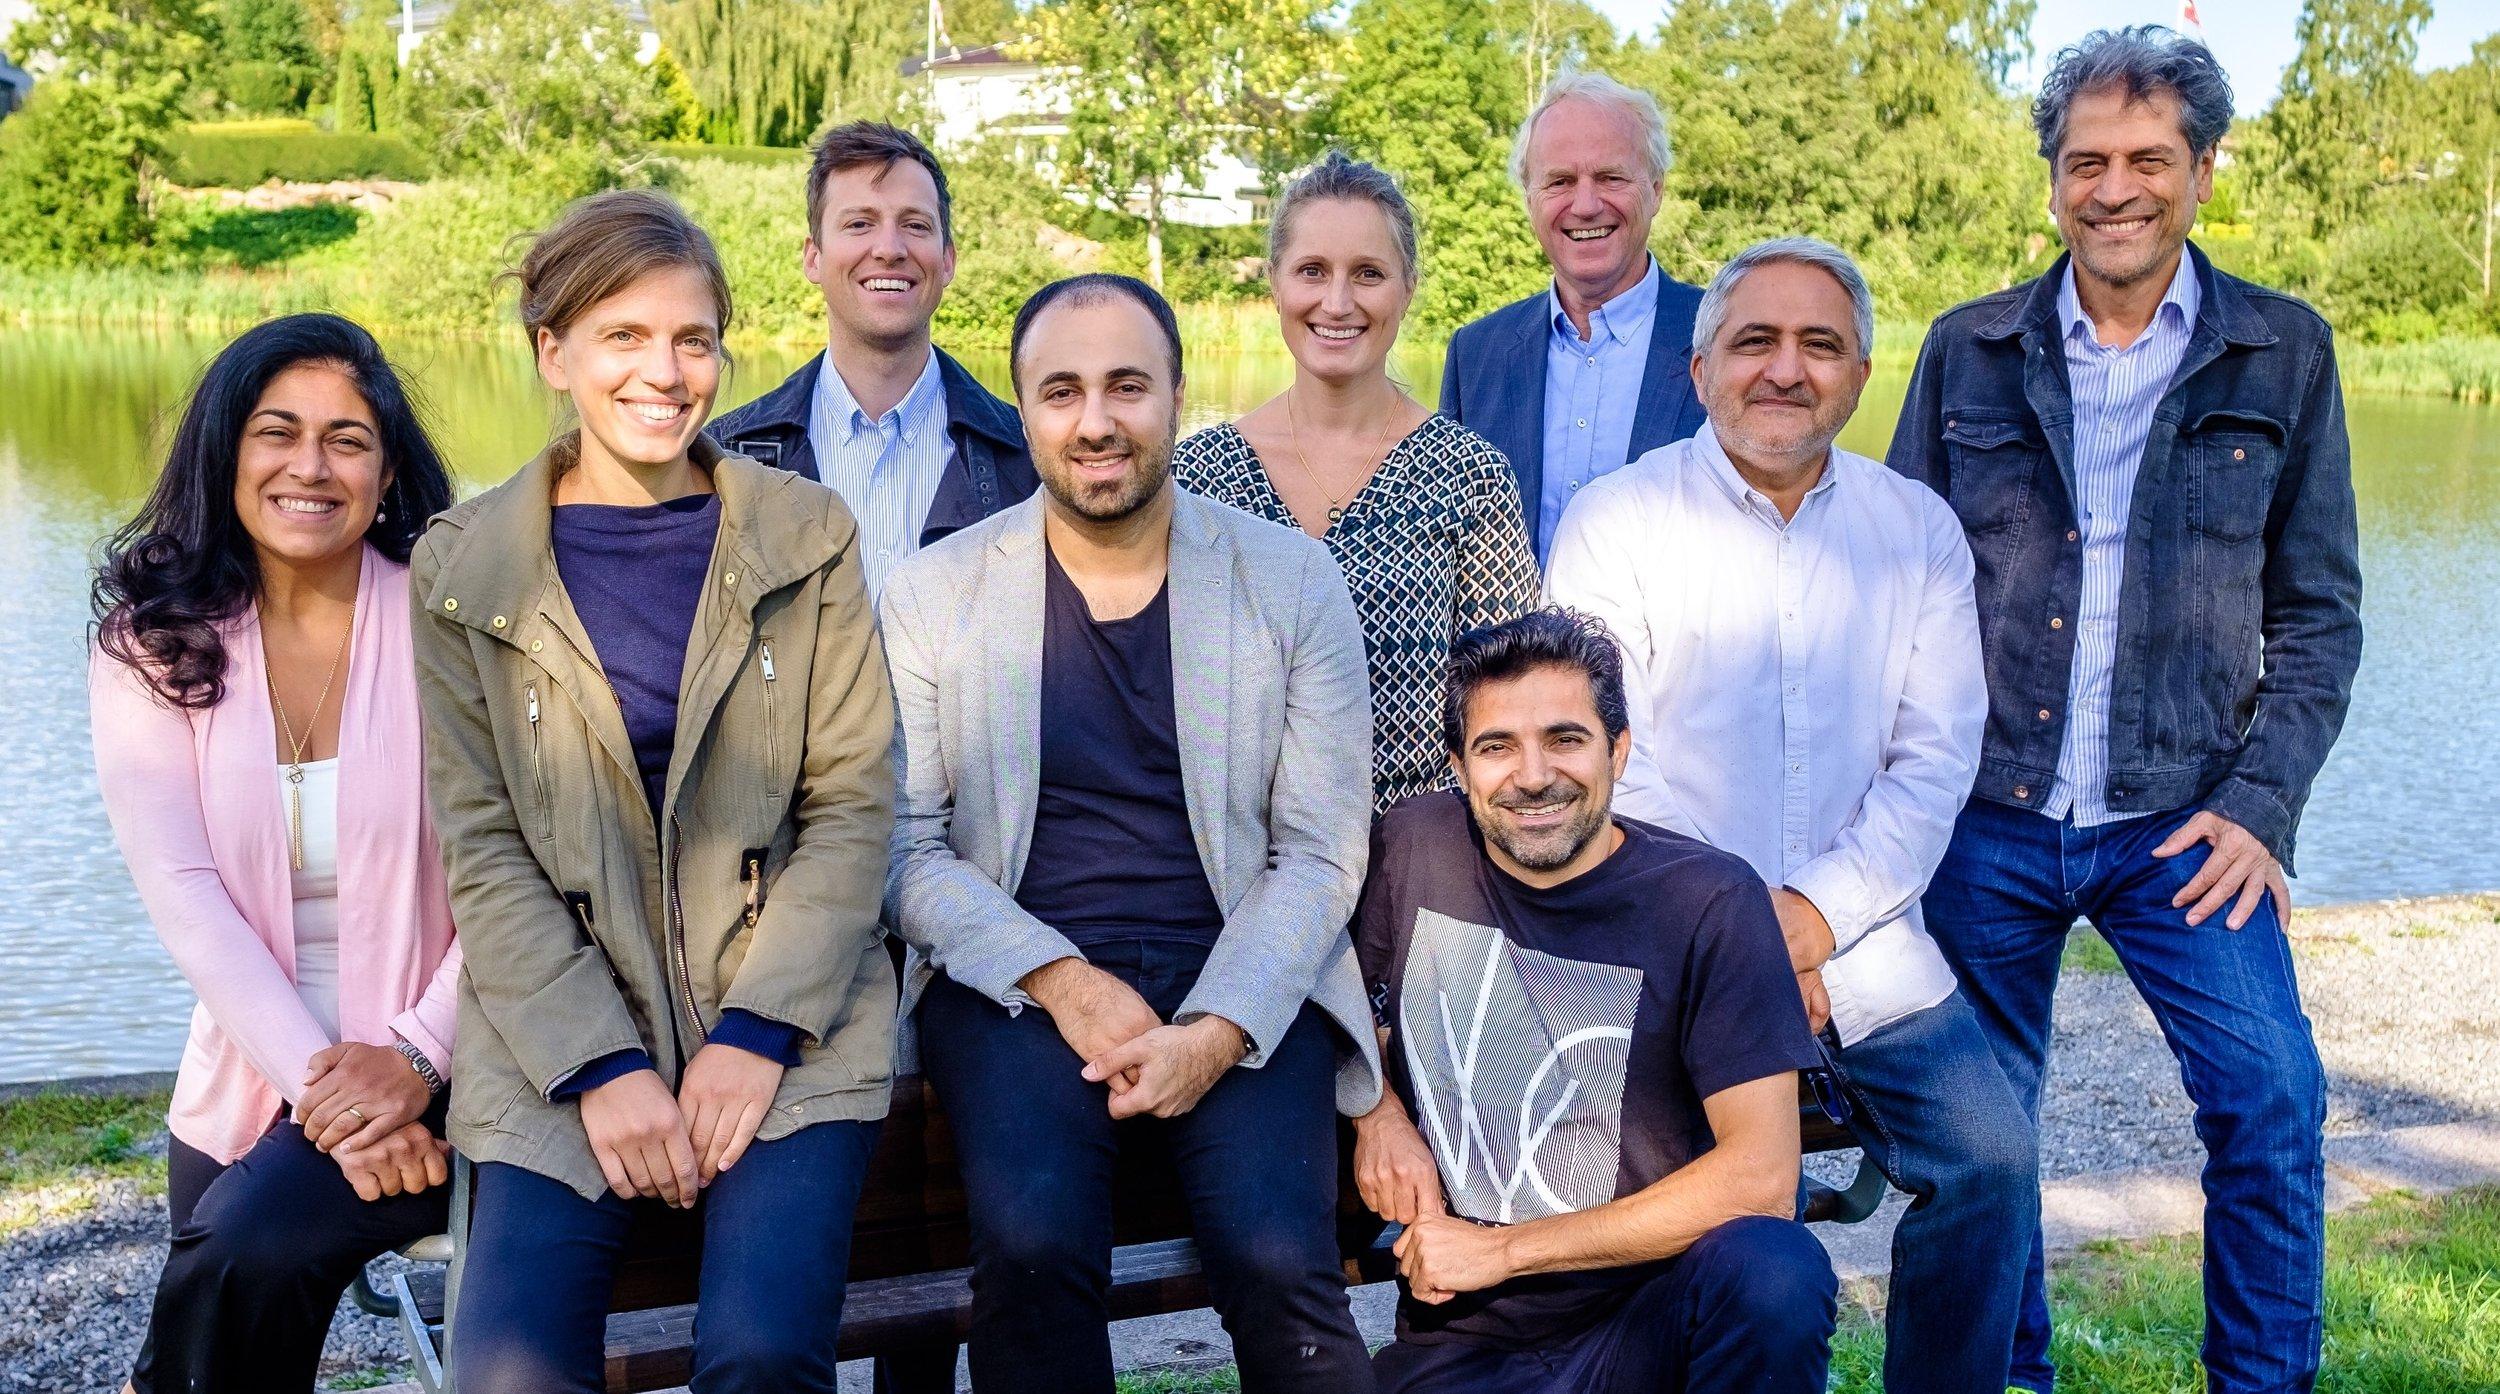 Nasjonalt Åndelig Råd for Bahá'íer i Norge består i 2019/20 av f.v.: Nazila Dabestani, Katlinn Clavier, Zack Livesay, Sasan Kamali, Lilli Martine Lerstad, Arsalan Moghen, Thor Henning Lerstad, Behnam Bahrami og Keyhan Ighanian.